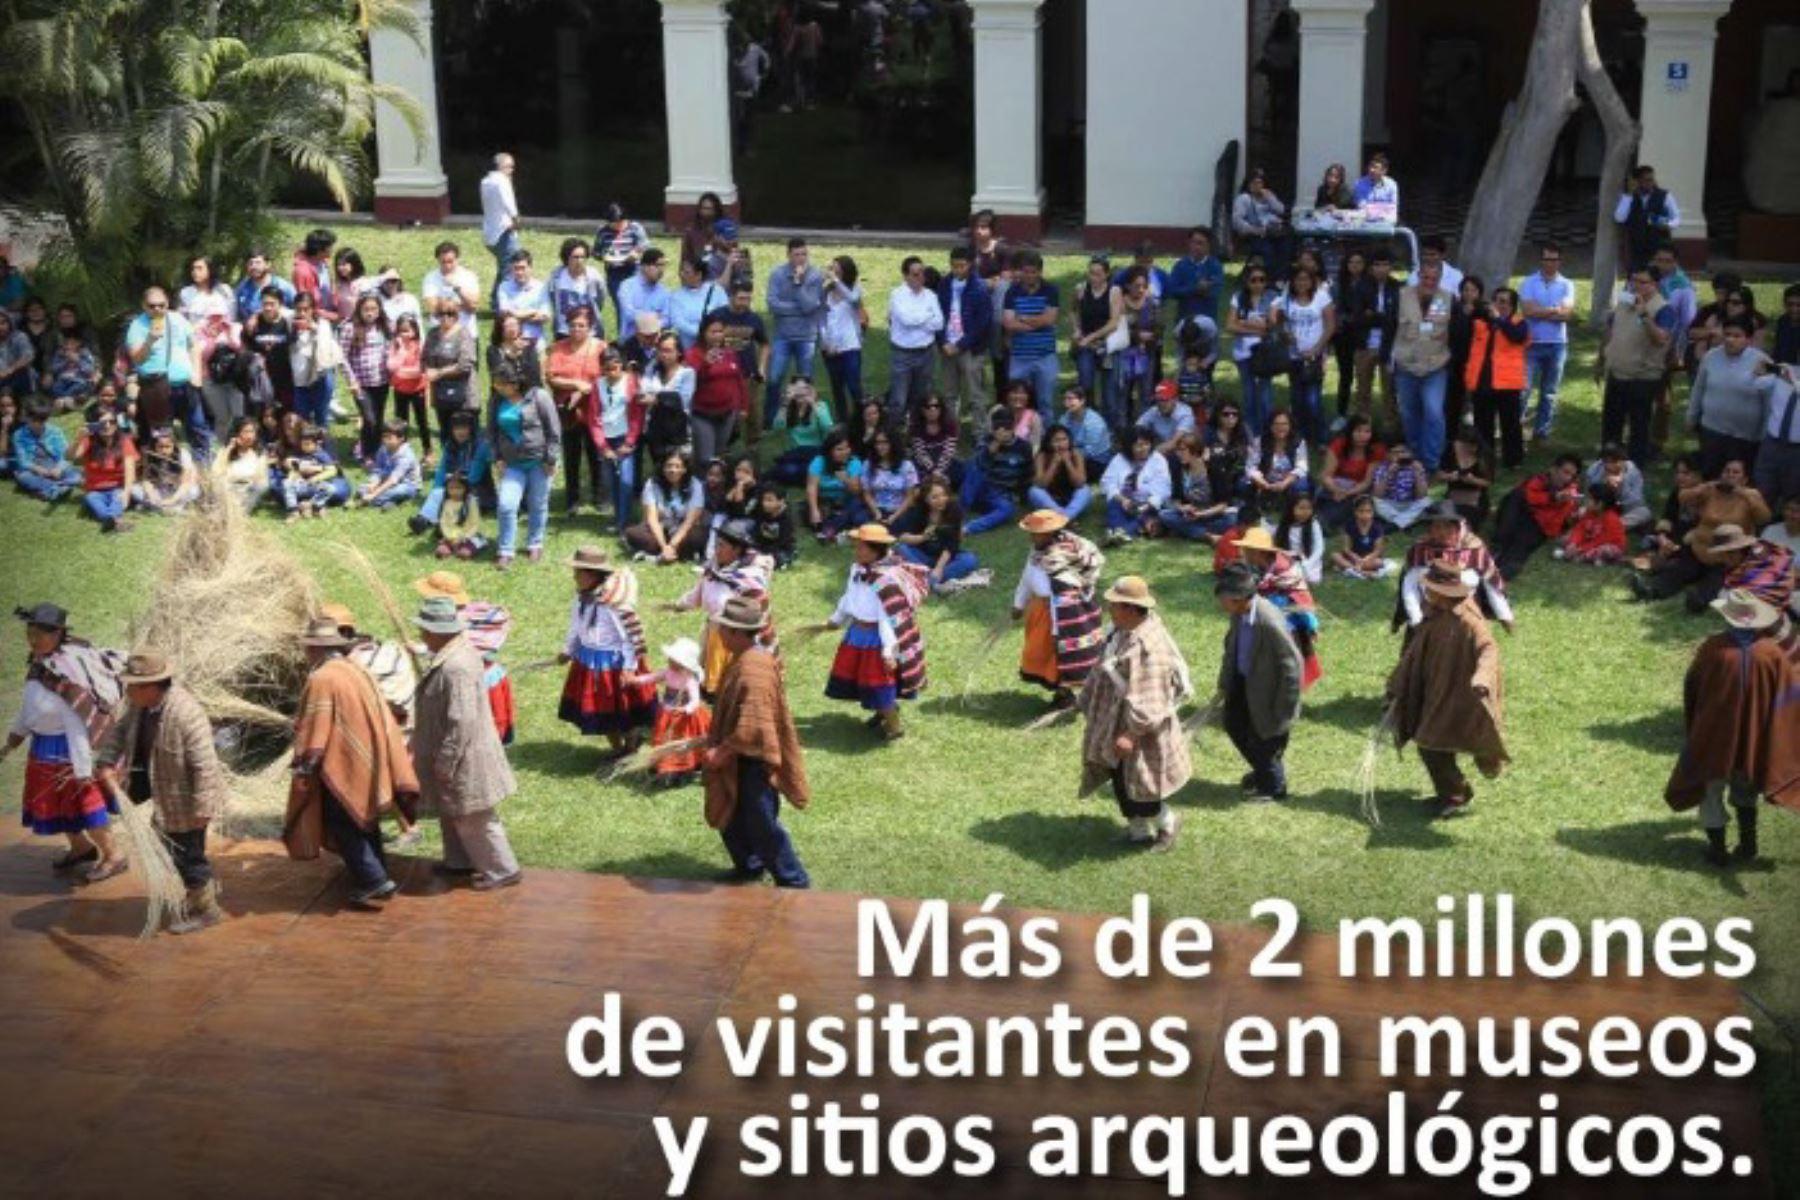 Ingreso gratuito a museos permitió más de 2 millones de visitas este año, informó el Ministerio de Cultura